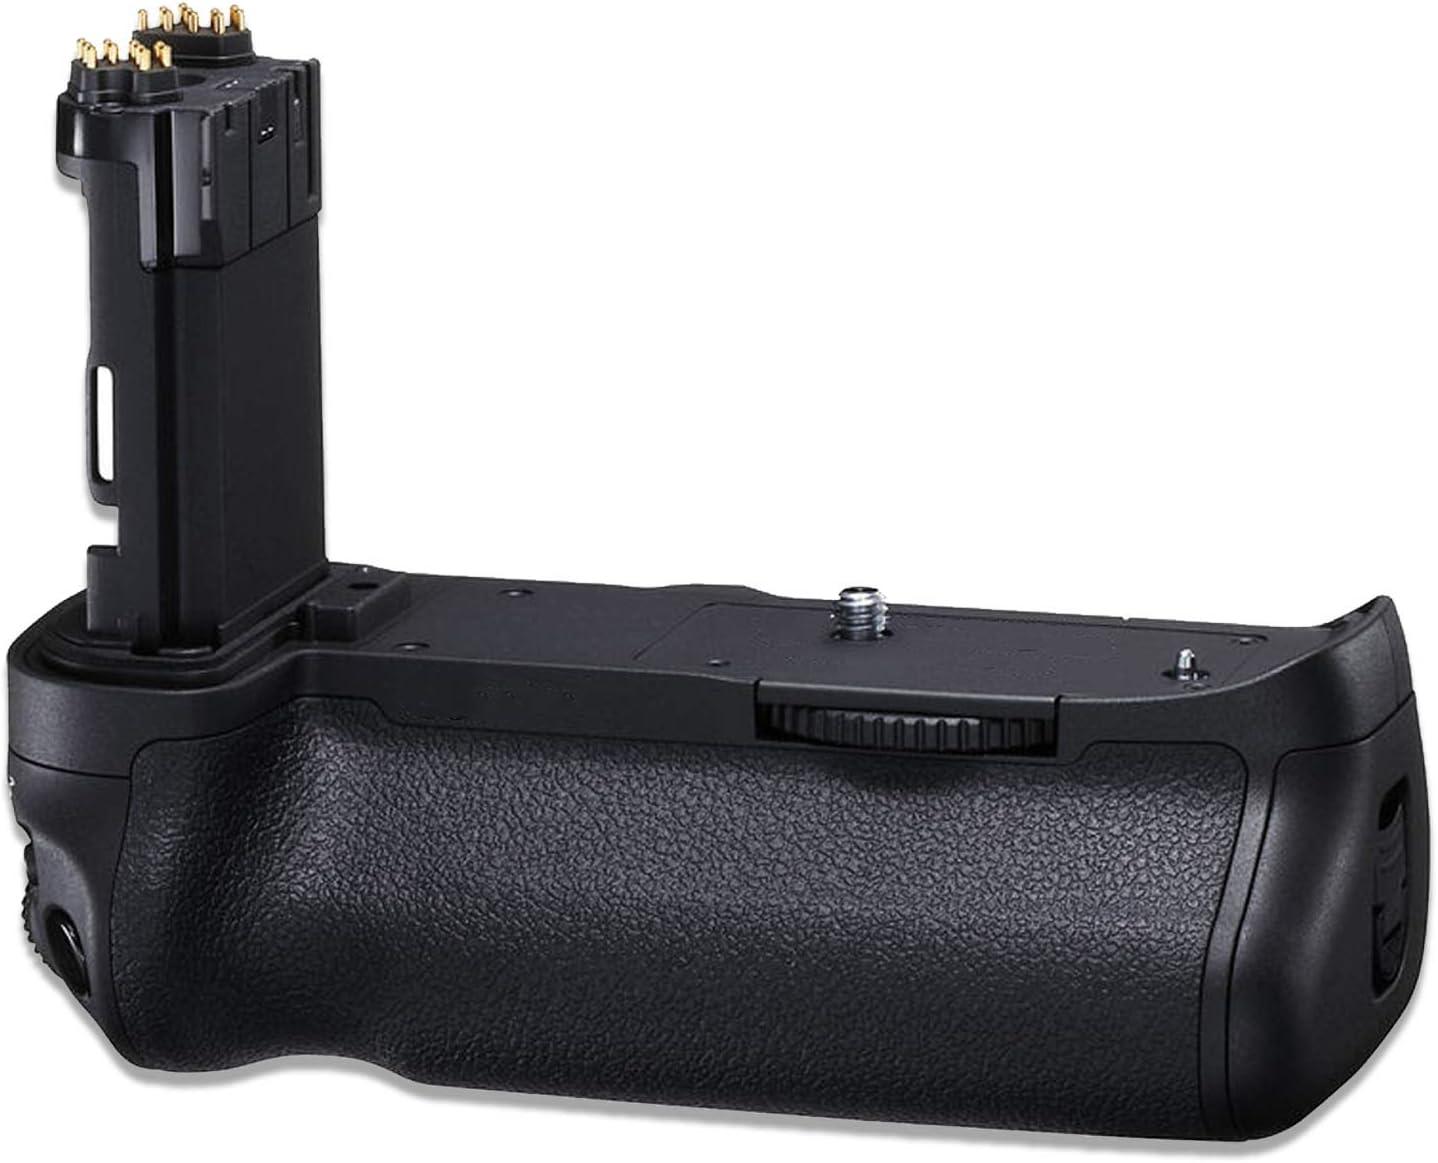 Vivitar Elite BG-E20 Battery Grip for Canon EOS 5D Mark IV DSLR